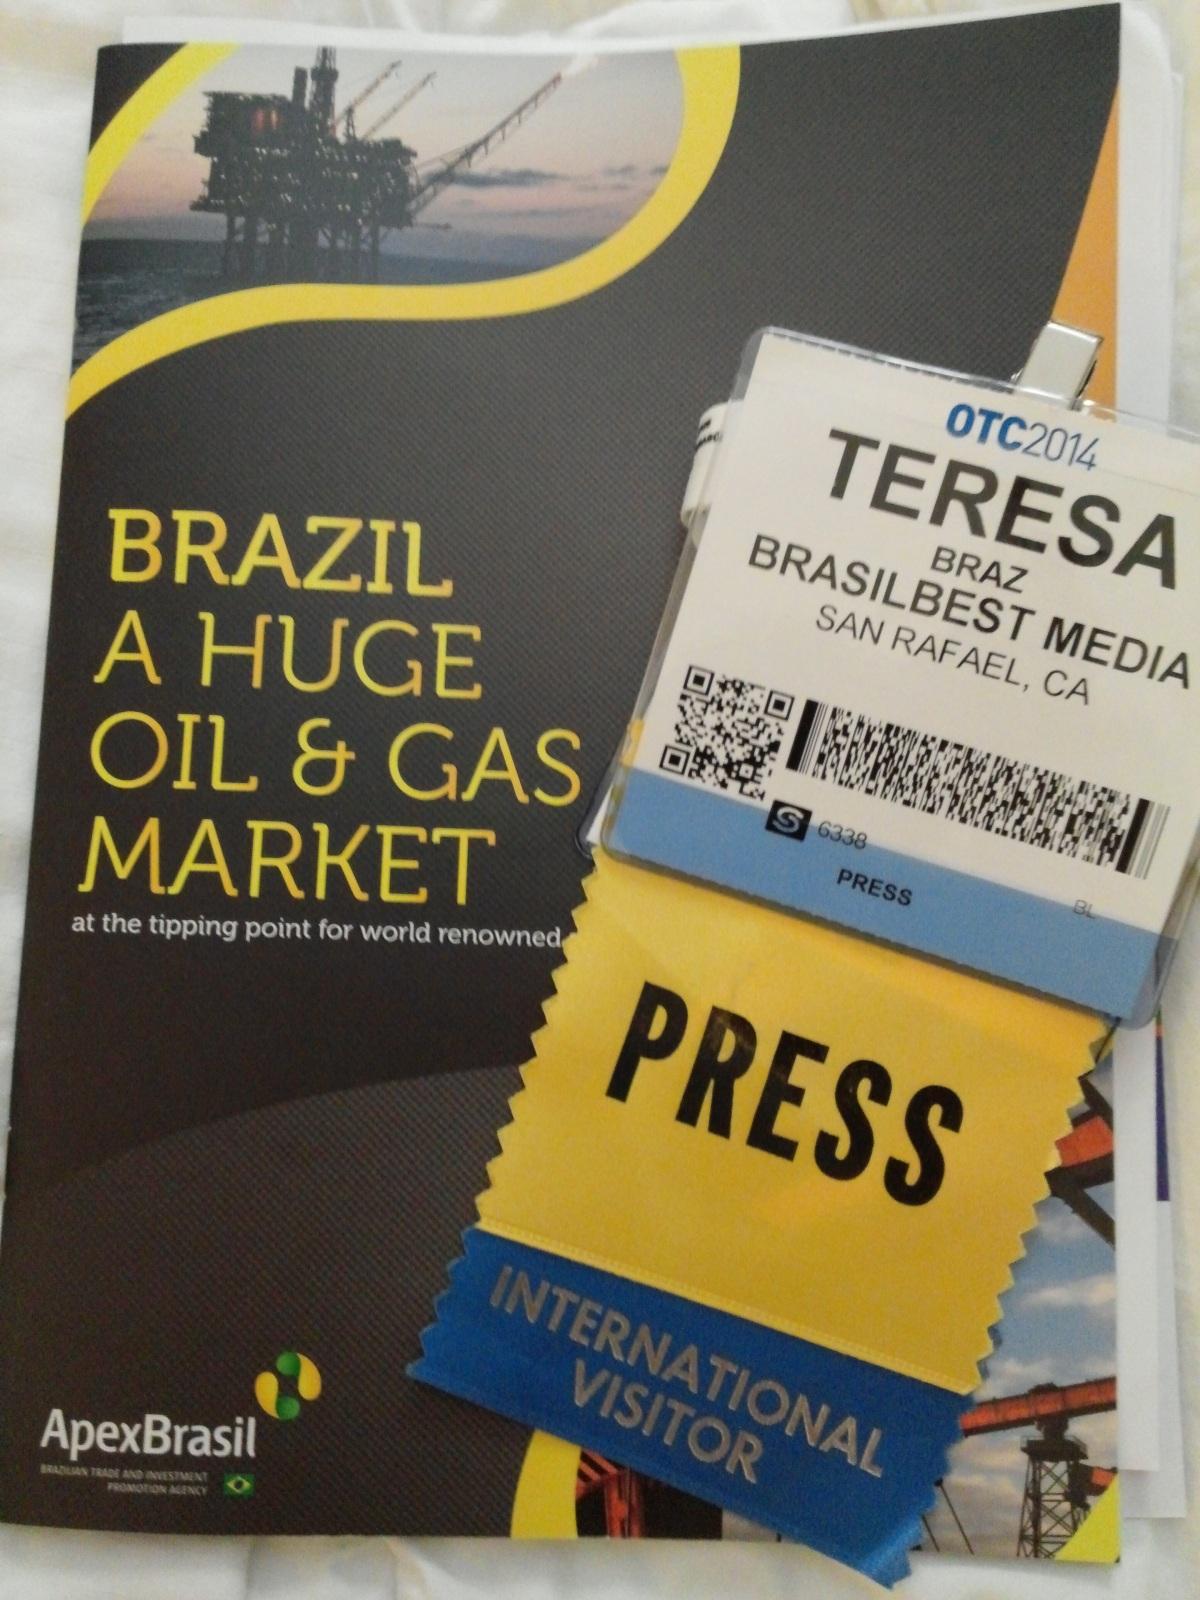 Últimos dias para participar da Delegação Brasileira na OTC 2015 emHouston